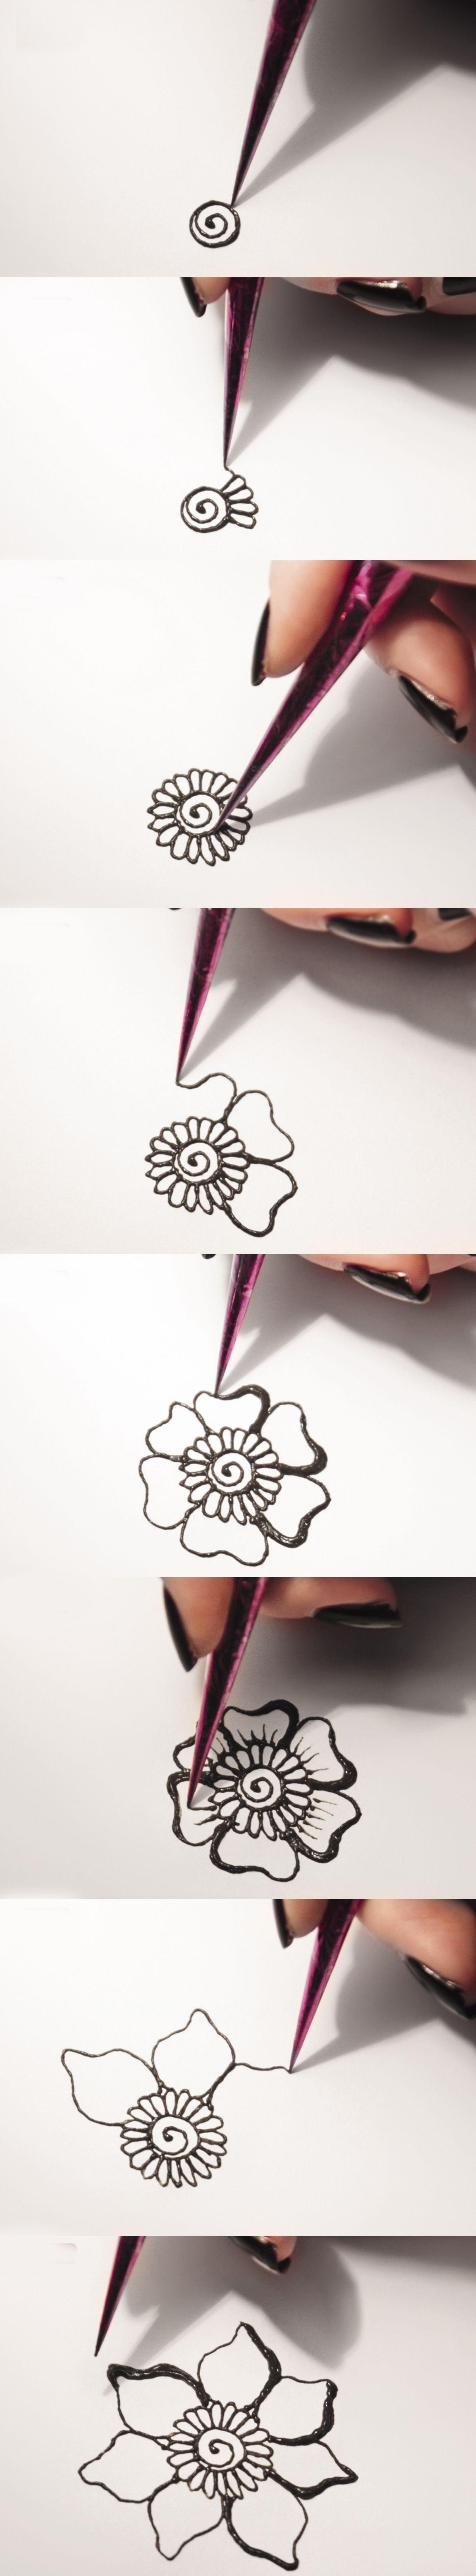 diy idea for mehndi easy tutorial for mehndi flower ornament